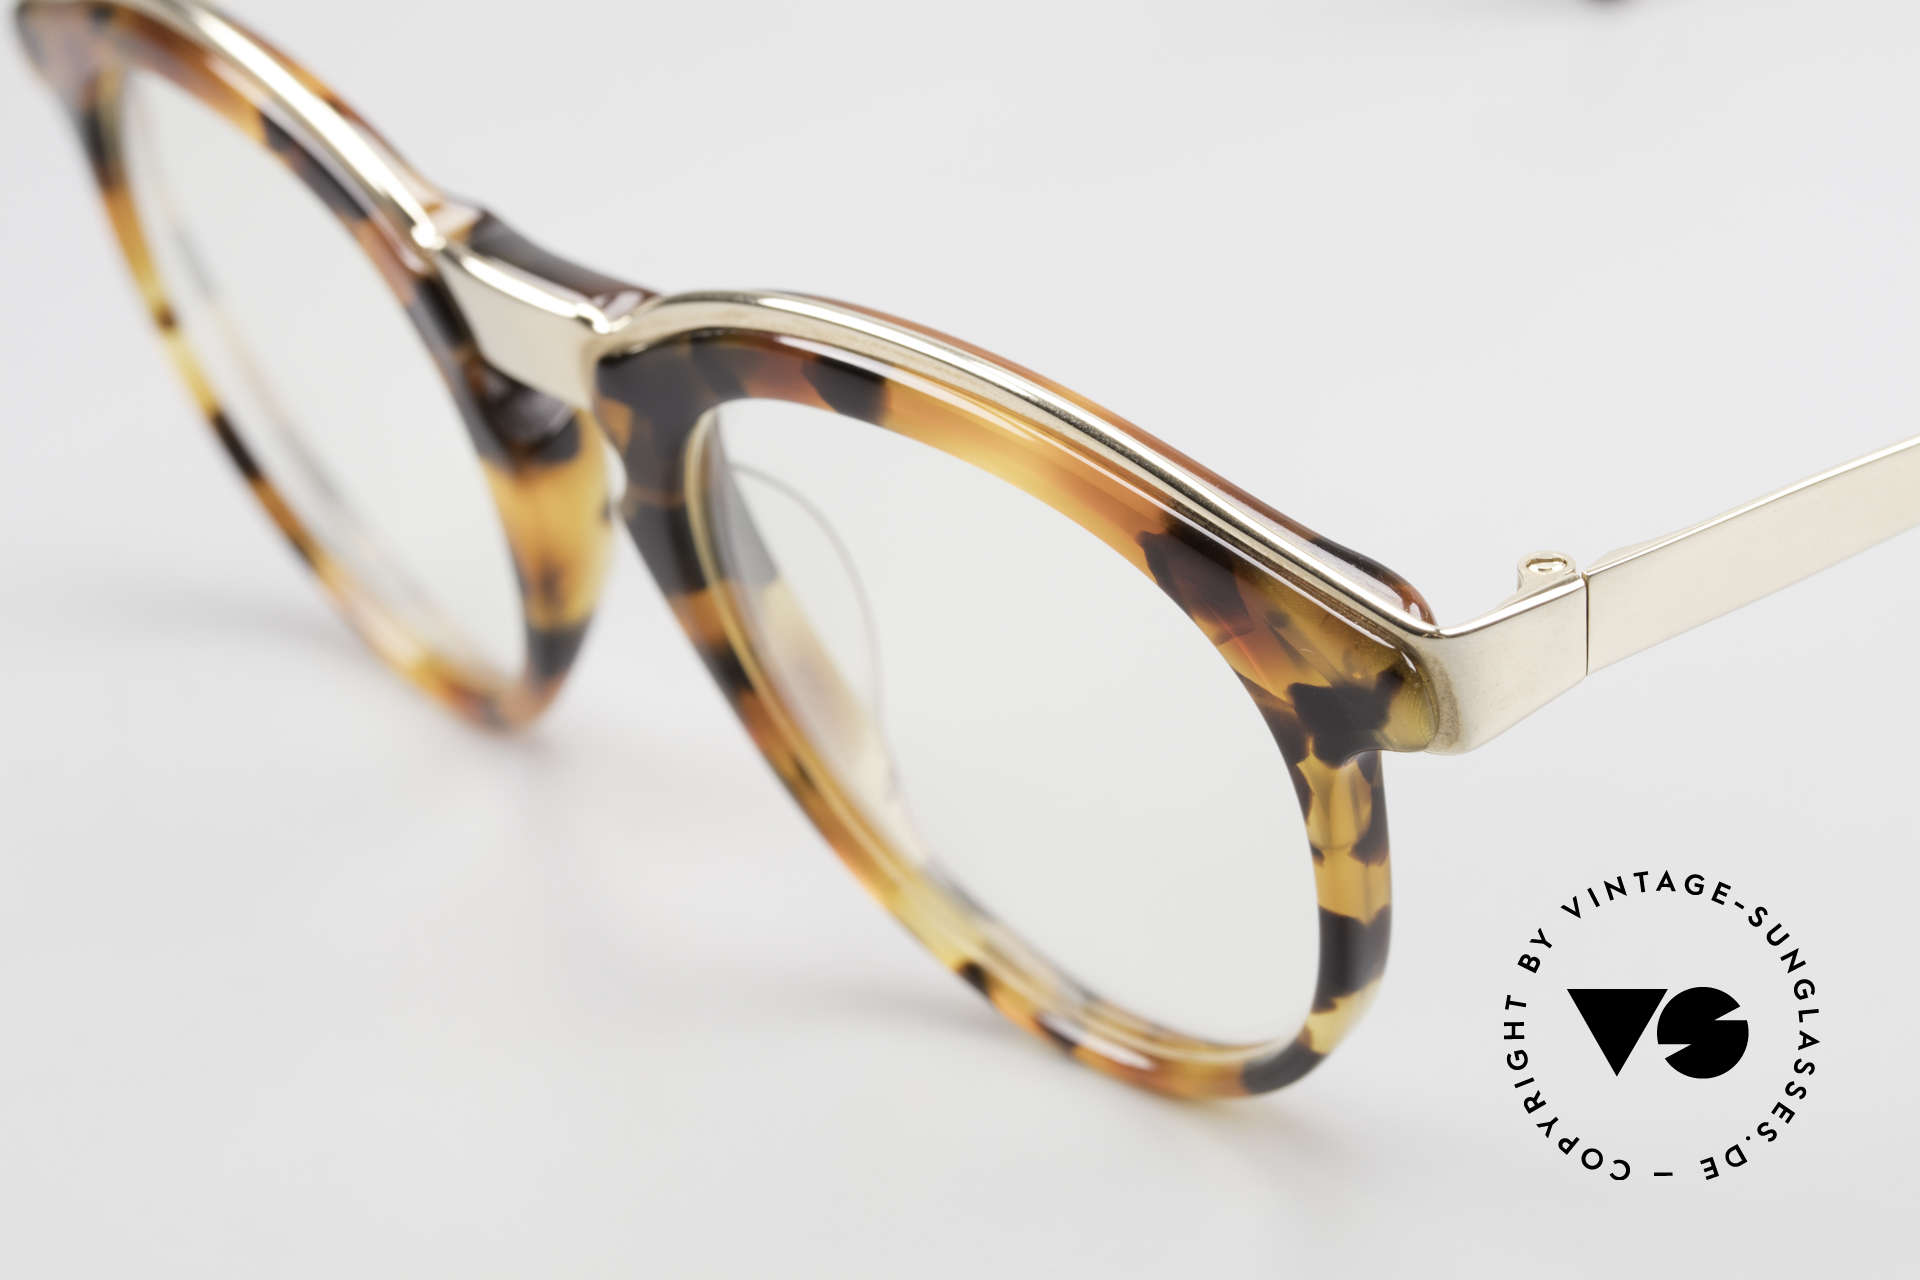 Alain Mikli 626 / 281 Old 80's Vintage Panto Glasses, top craftsmanship & unique frame coloring / pattern, Made for Men